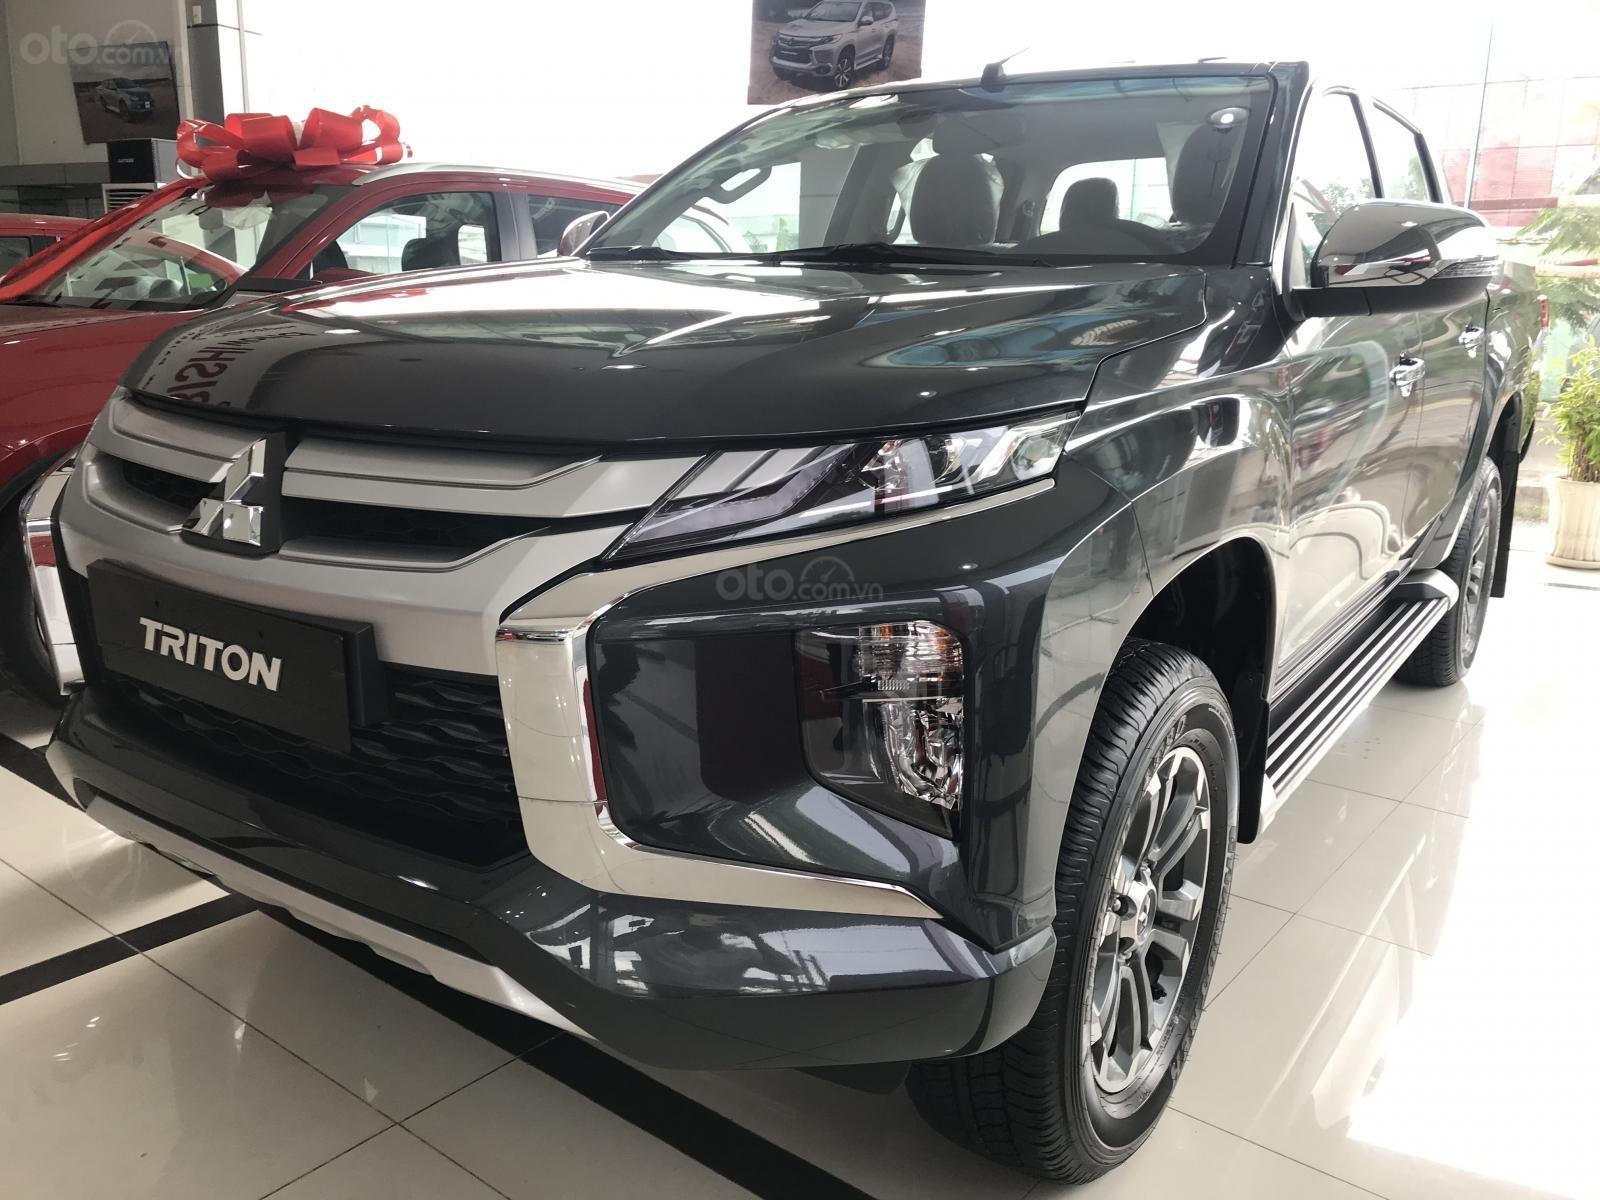 Bán Mitsubishi Triton sản xuất 2019, màu xám (ghi), nhập khẩu nguyên chiếc, giá chỉ 819 triệu-1